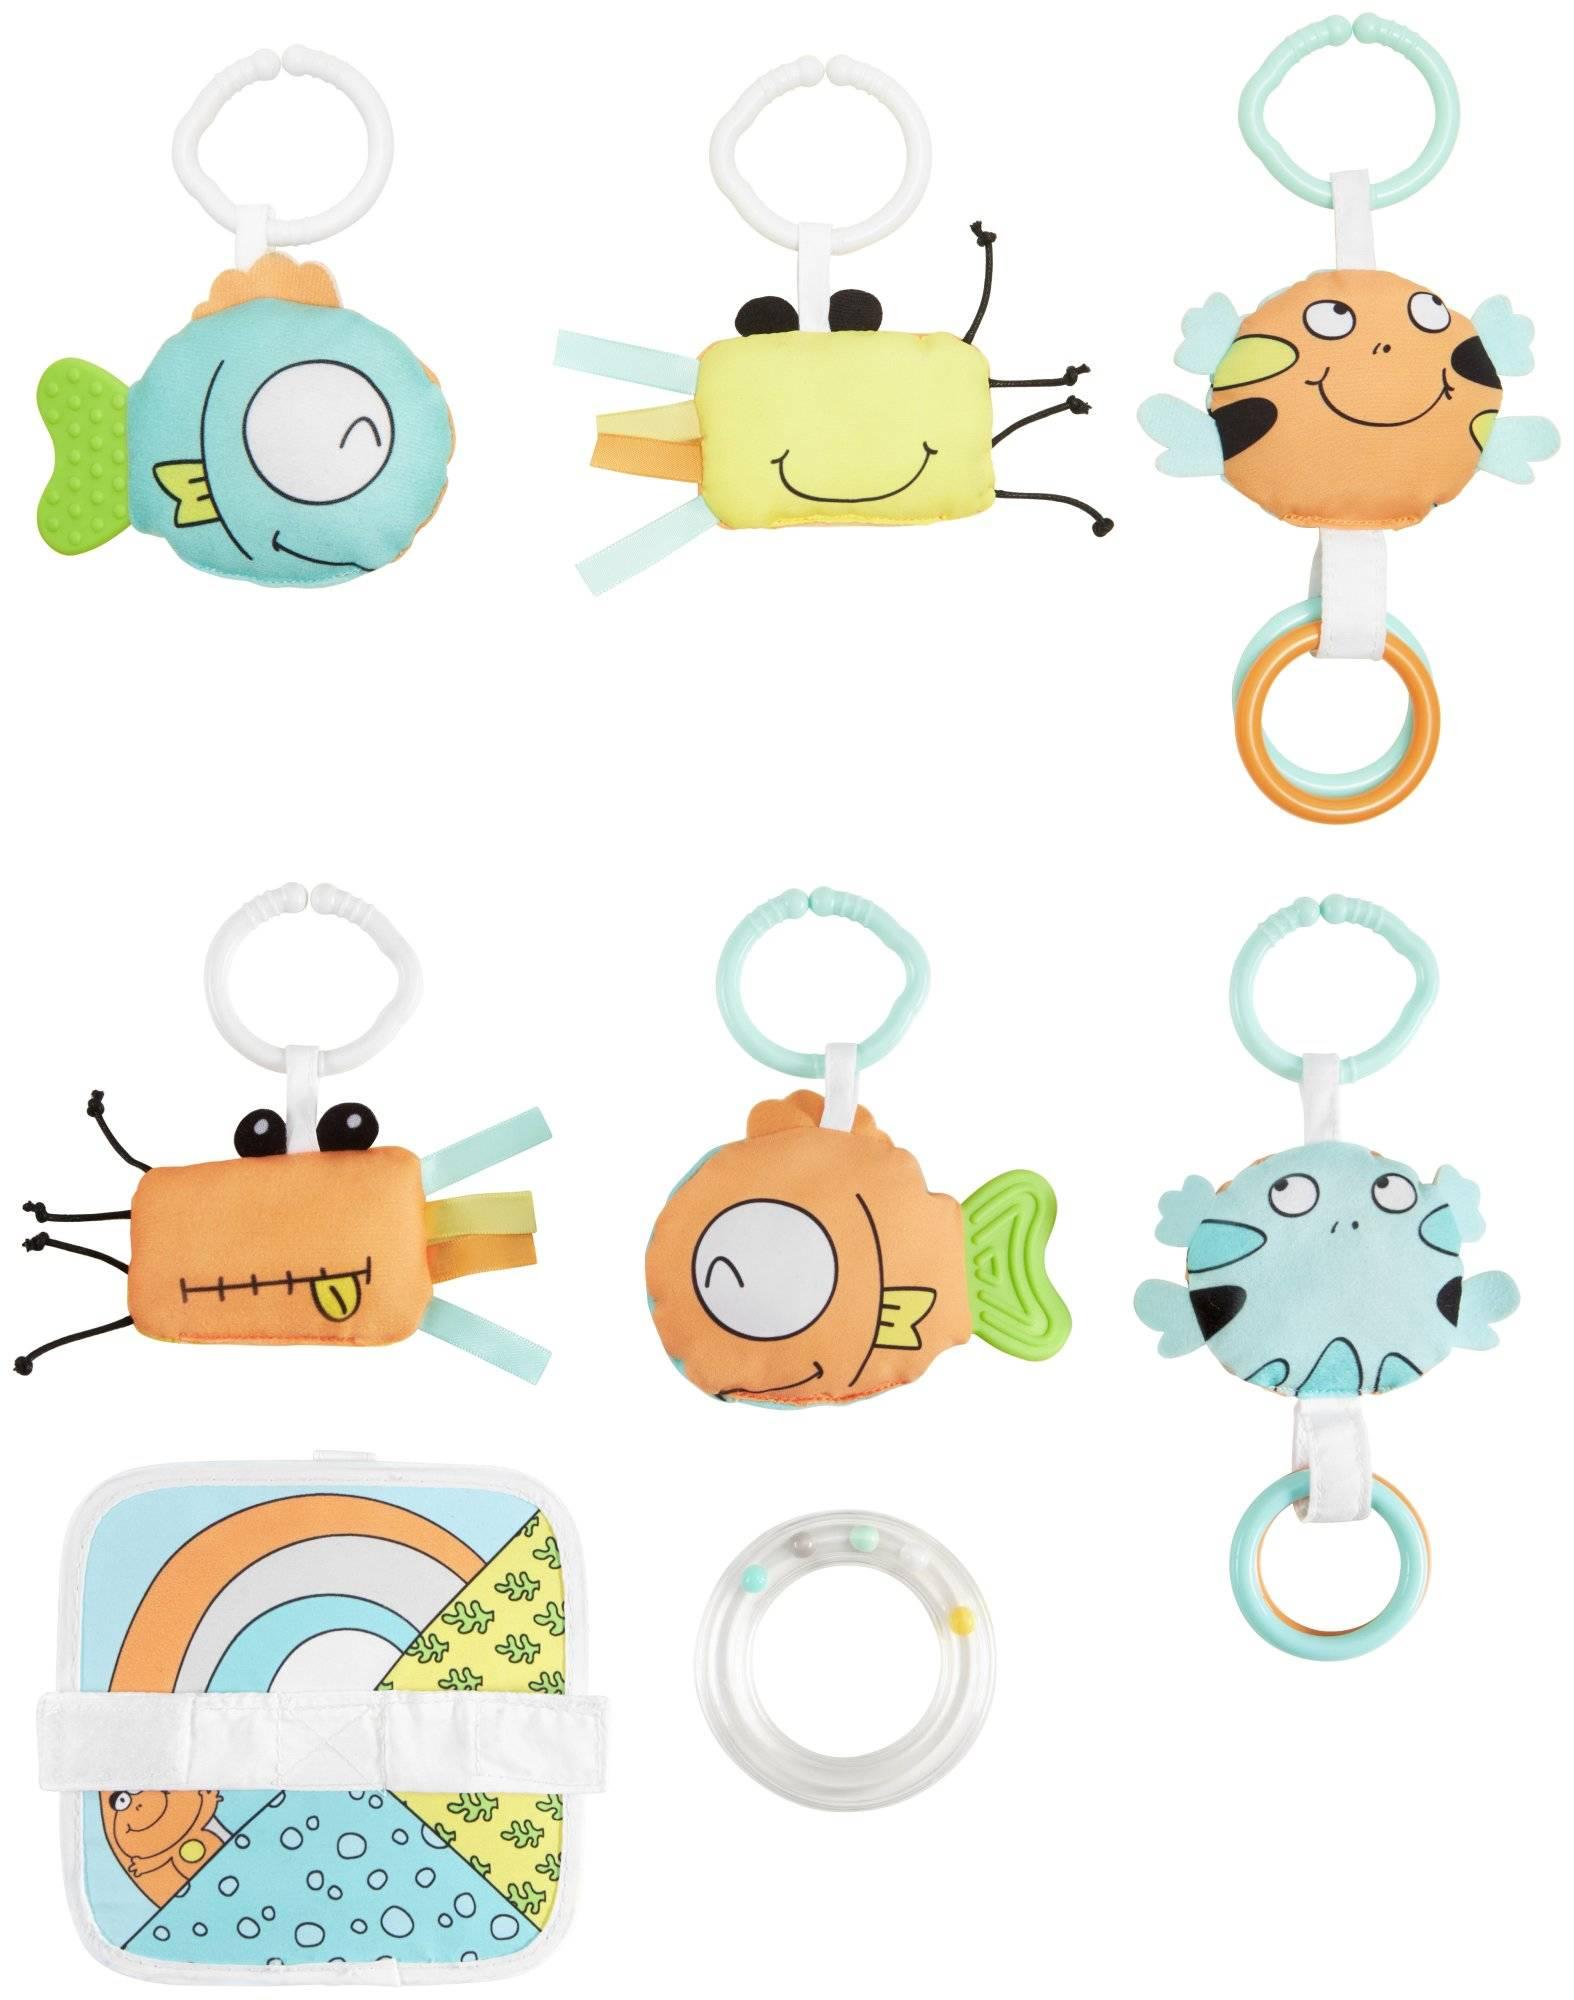 Mata interaktywna do zabawy 4w1 - Żółw z piłeczkami - Moby-System TURTLE